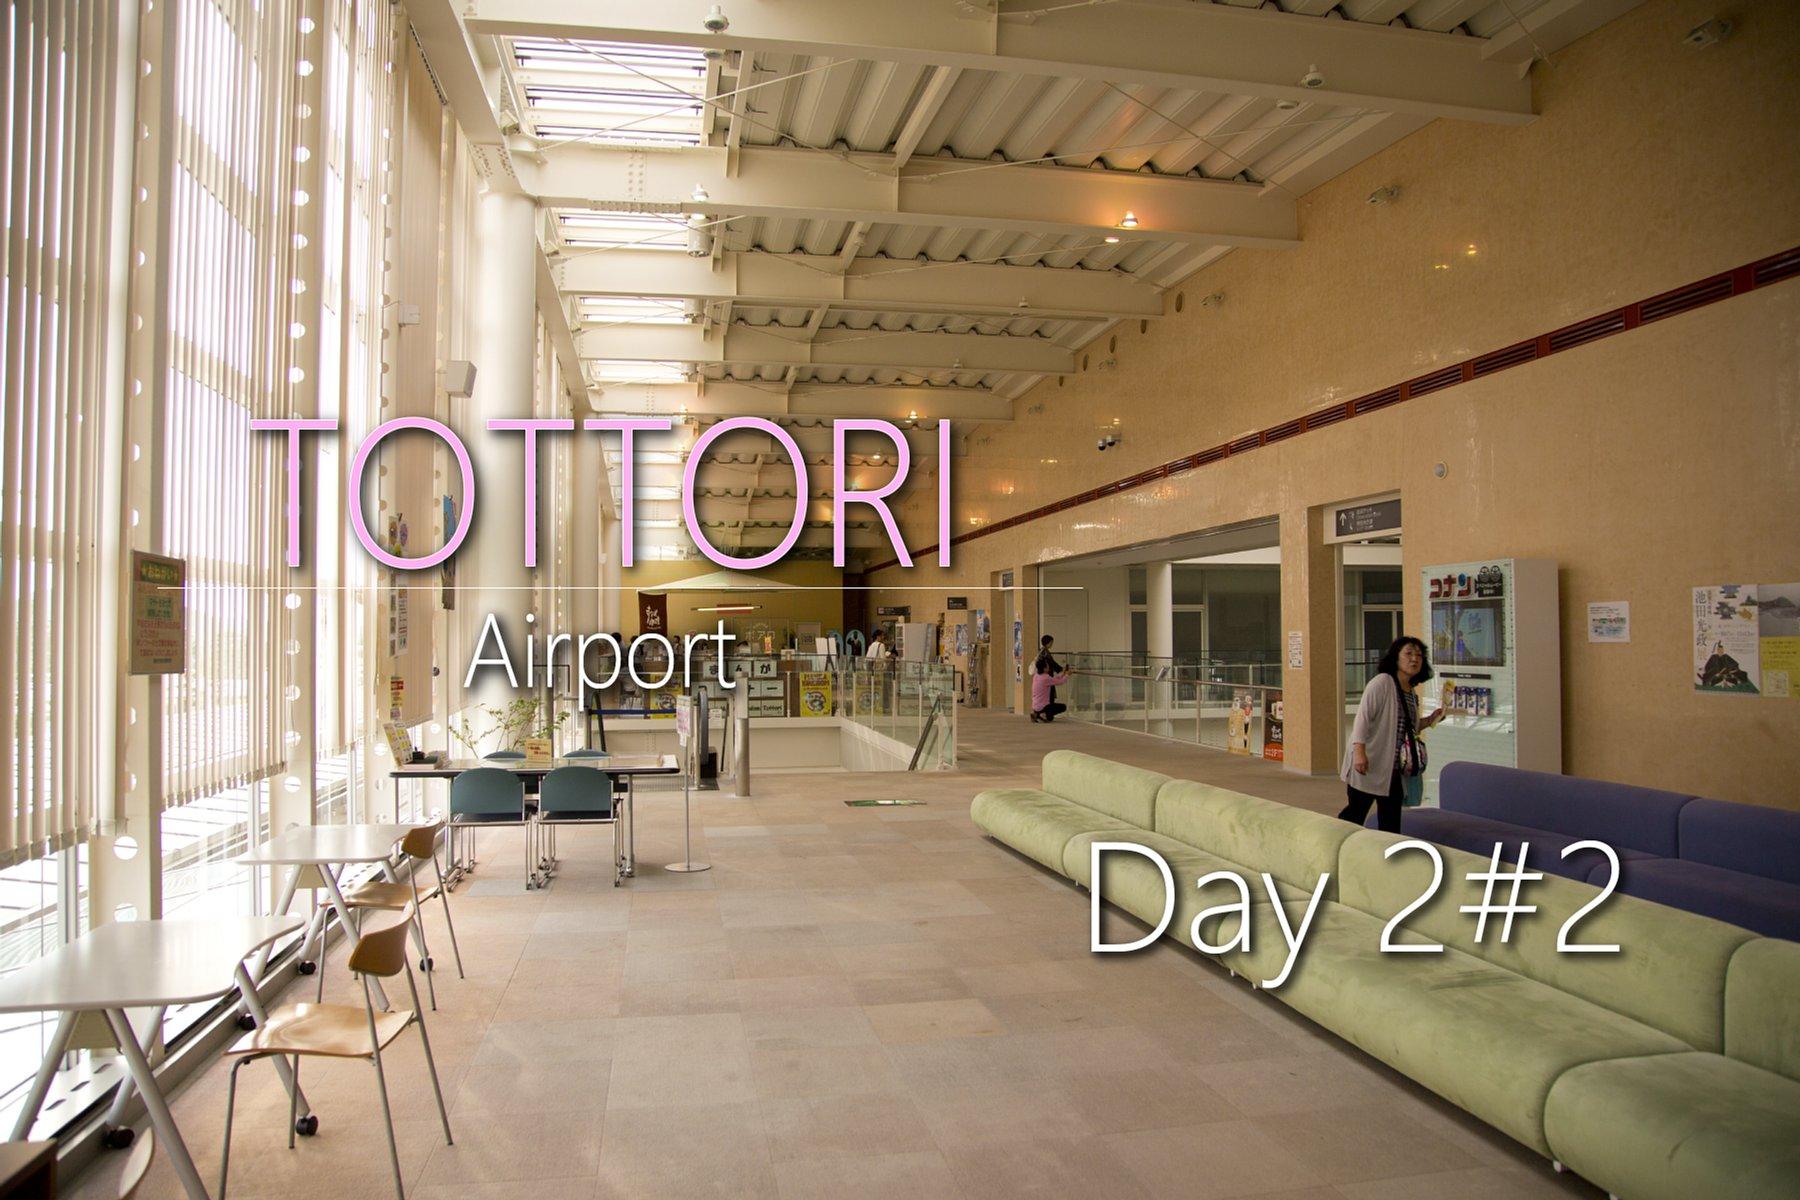 【星撮遠征】鳥取初遠征 Day2 #2